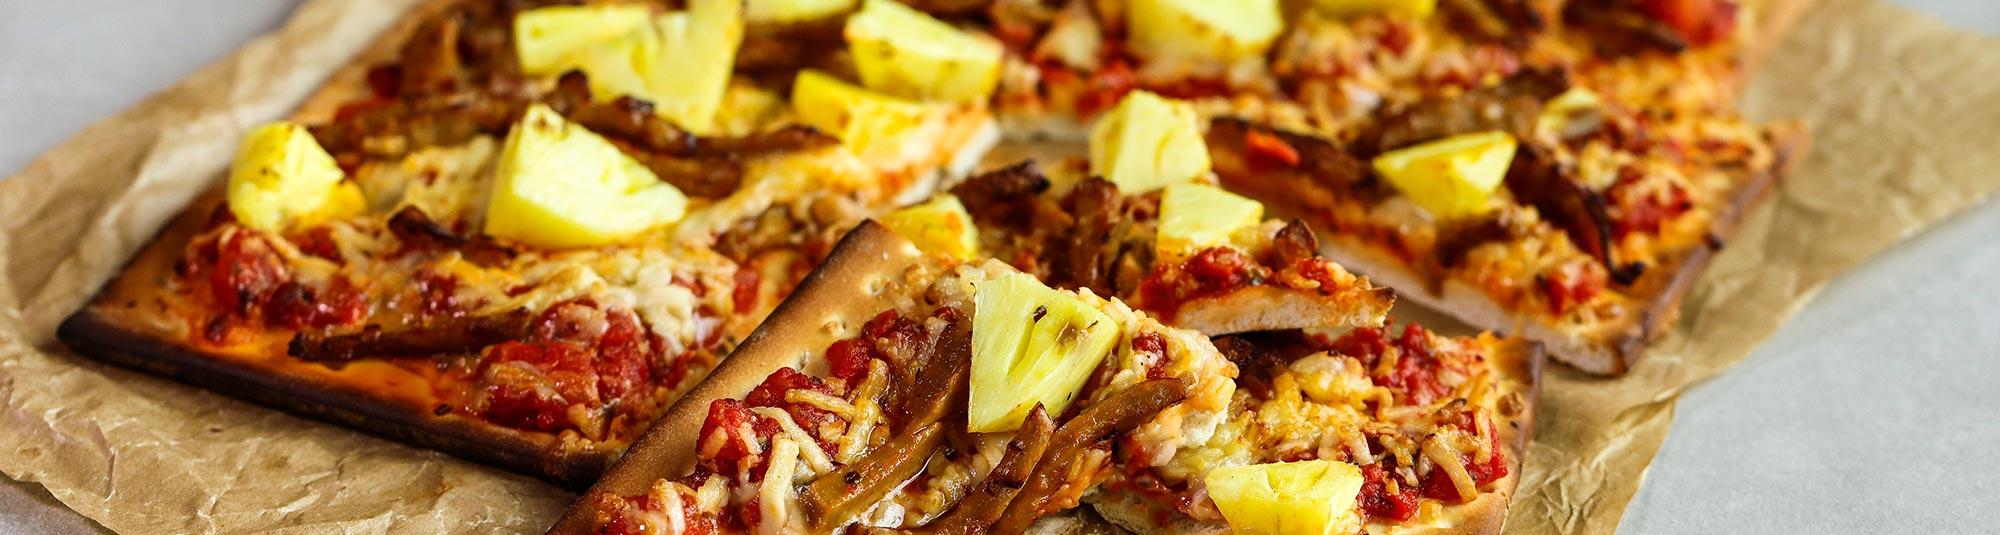 En pizza med Findus veganska ärtprotein Pease och ananas.